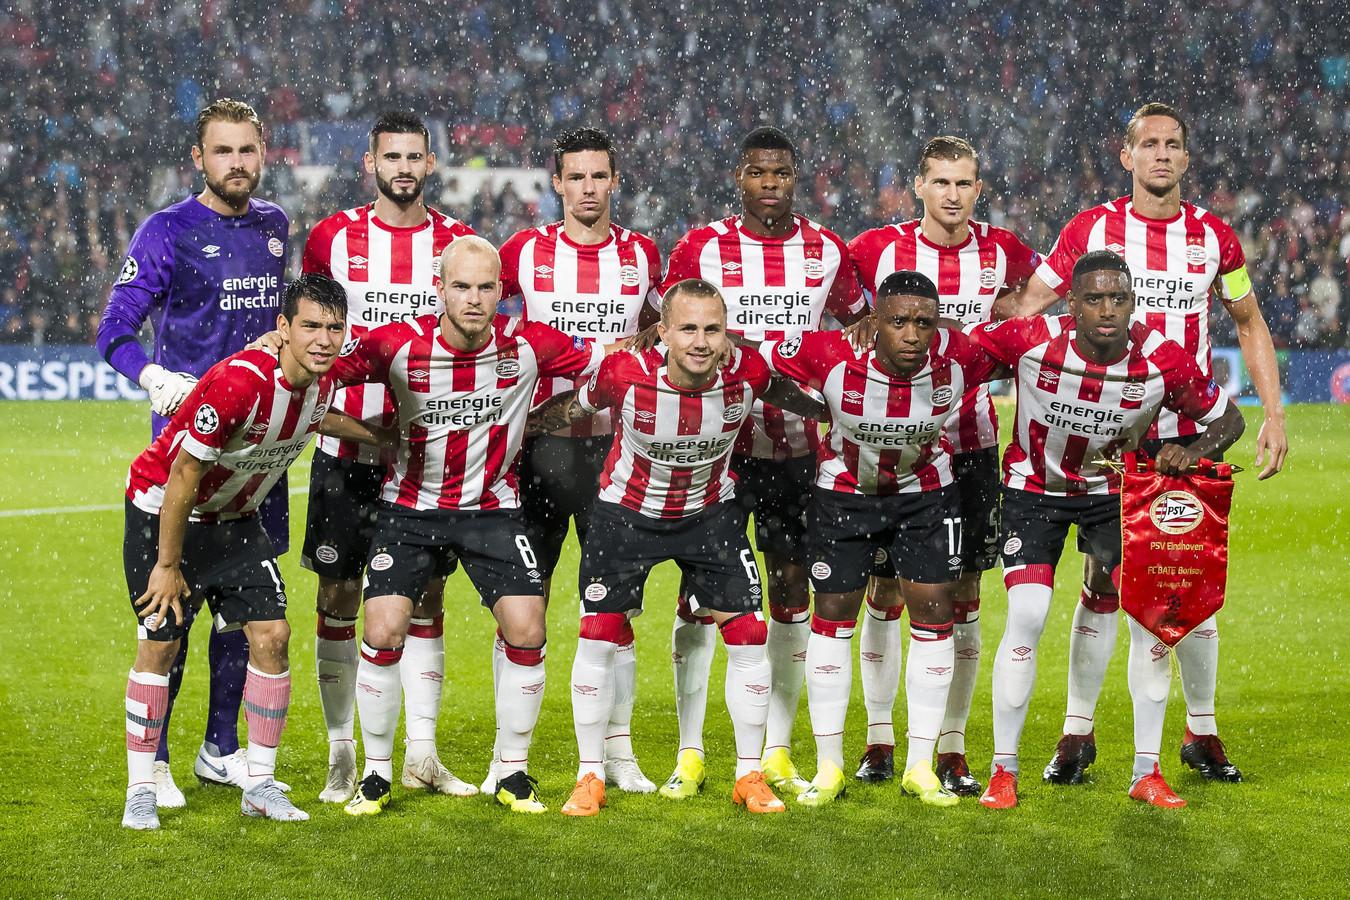 PSV speelt de Champions League-duels in de groepsfase in het najaar in een uitverkocht Philips Stadion.